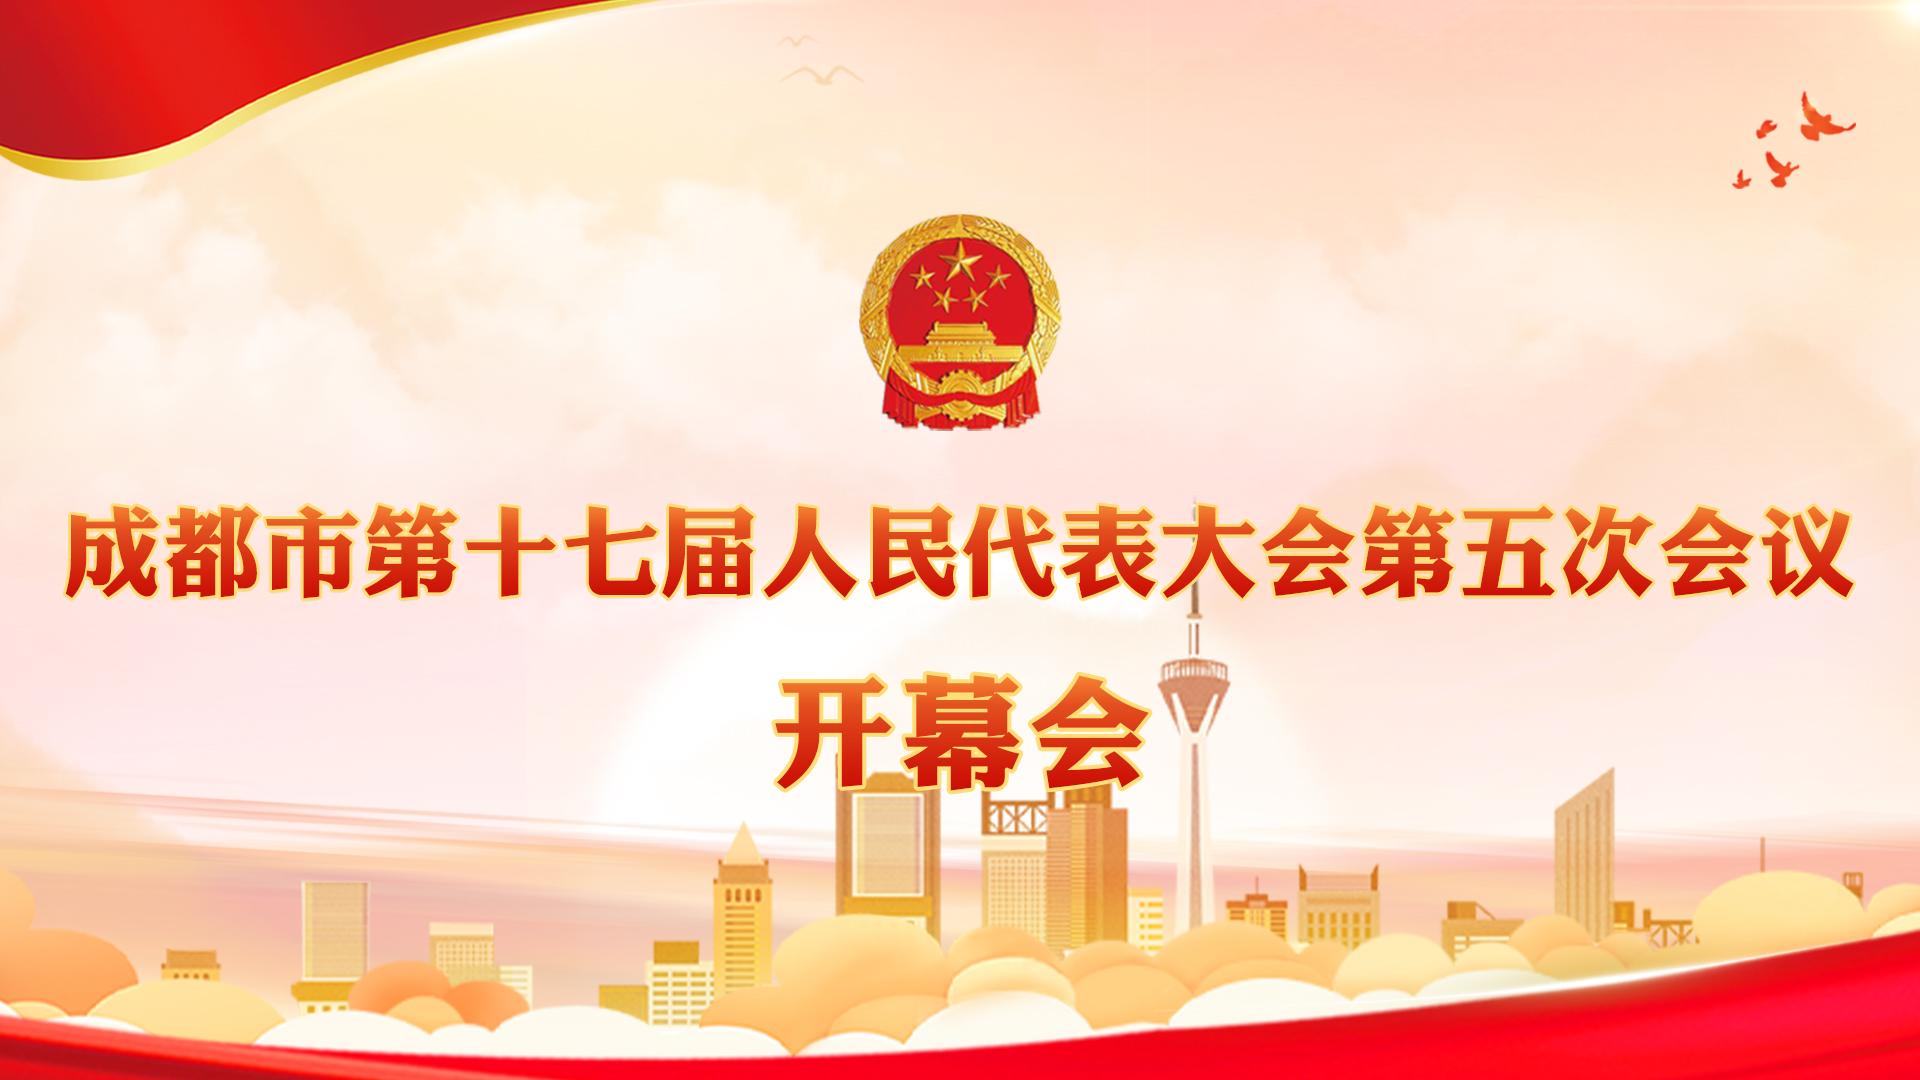 图文直播 | 成都市第十七届人民代表大会第五次会议开幕